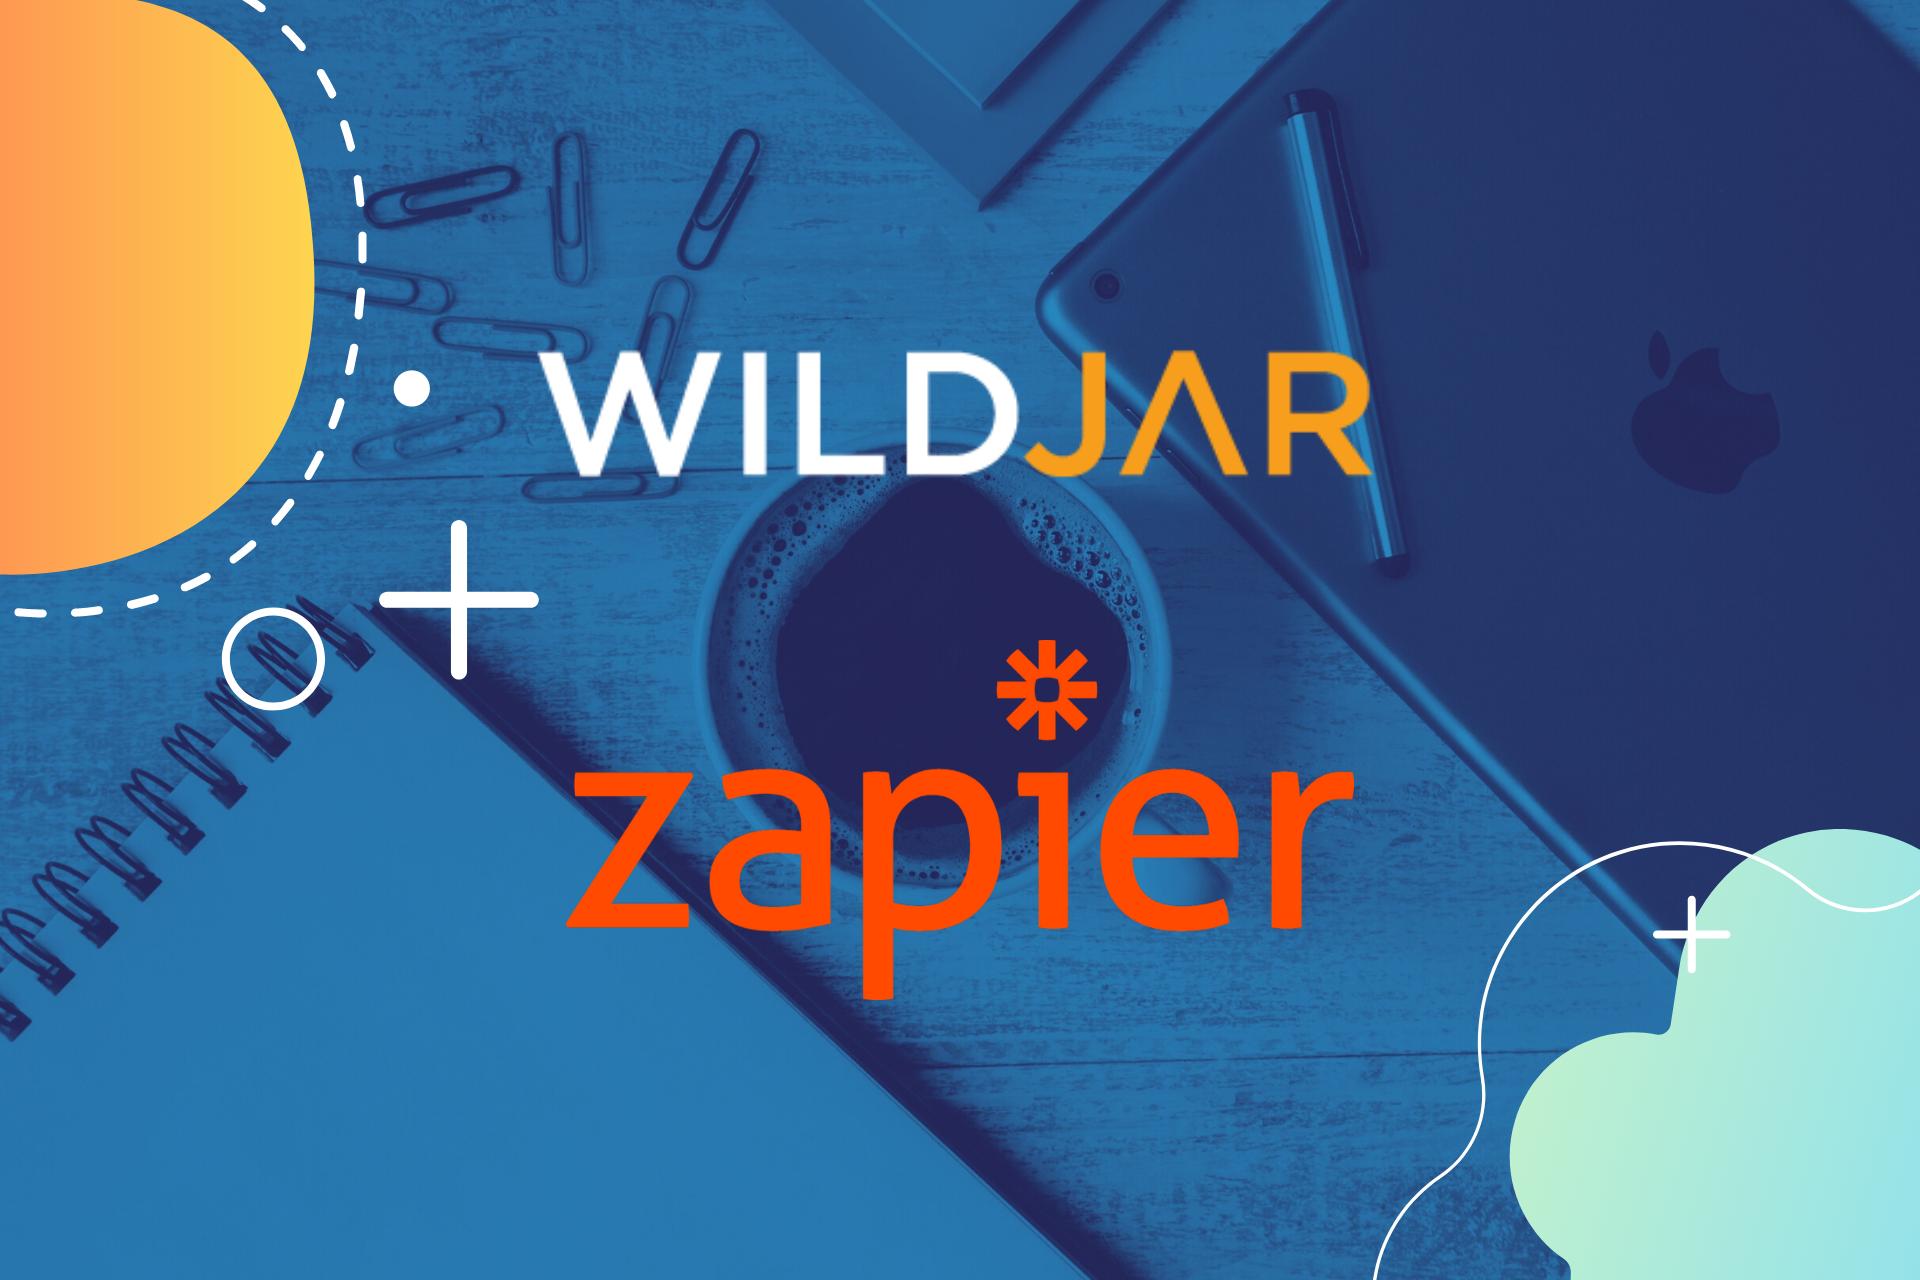 WildJar expands Zapier integration